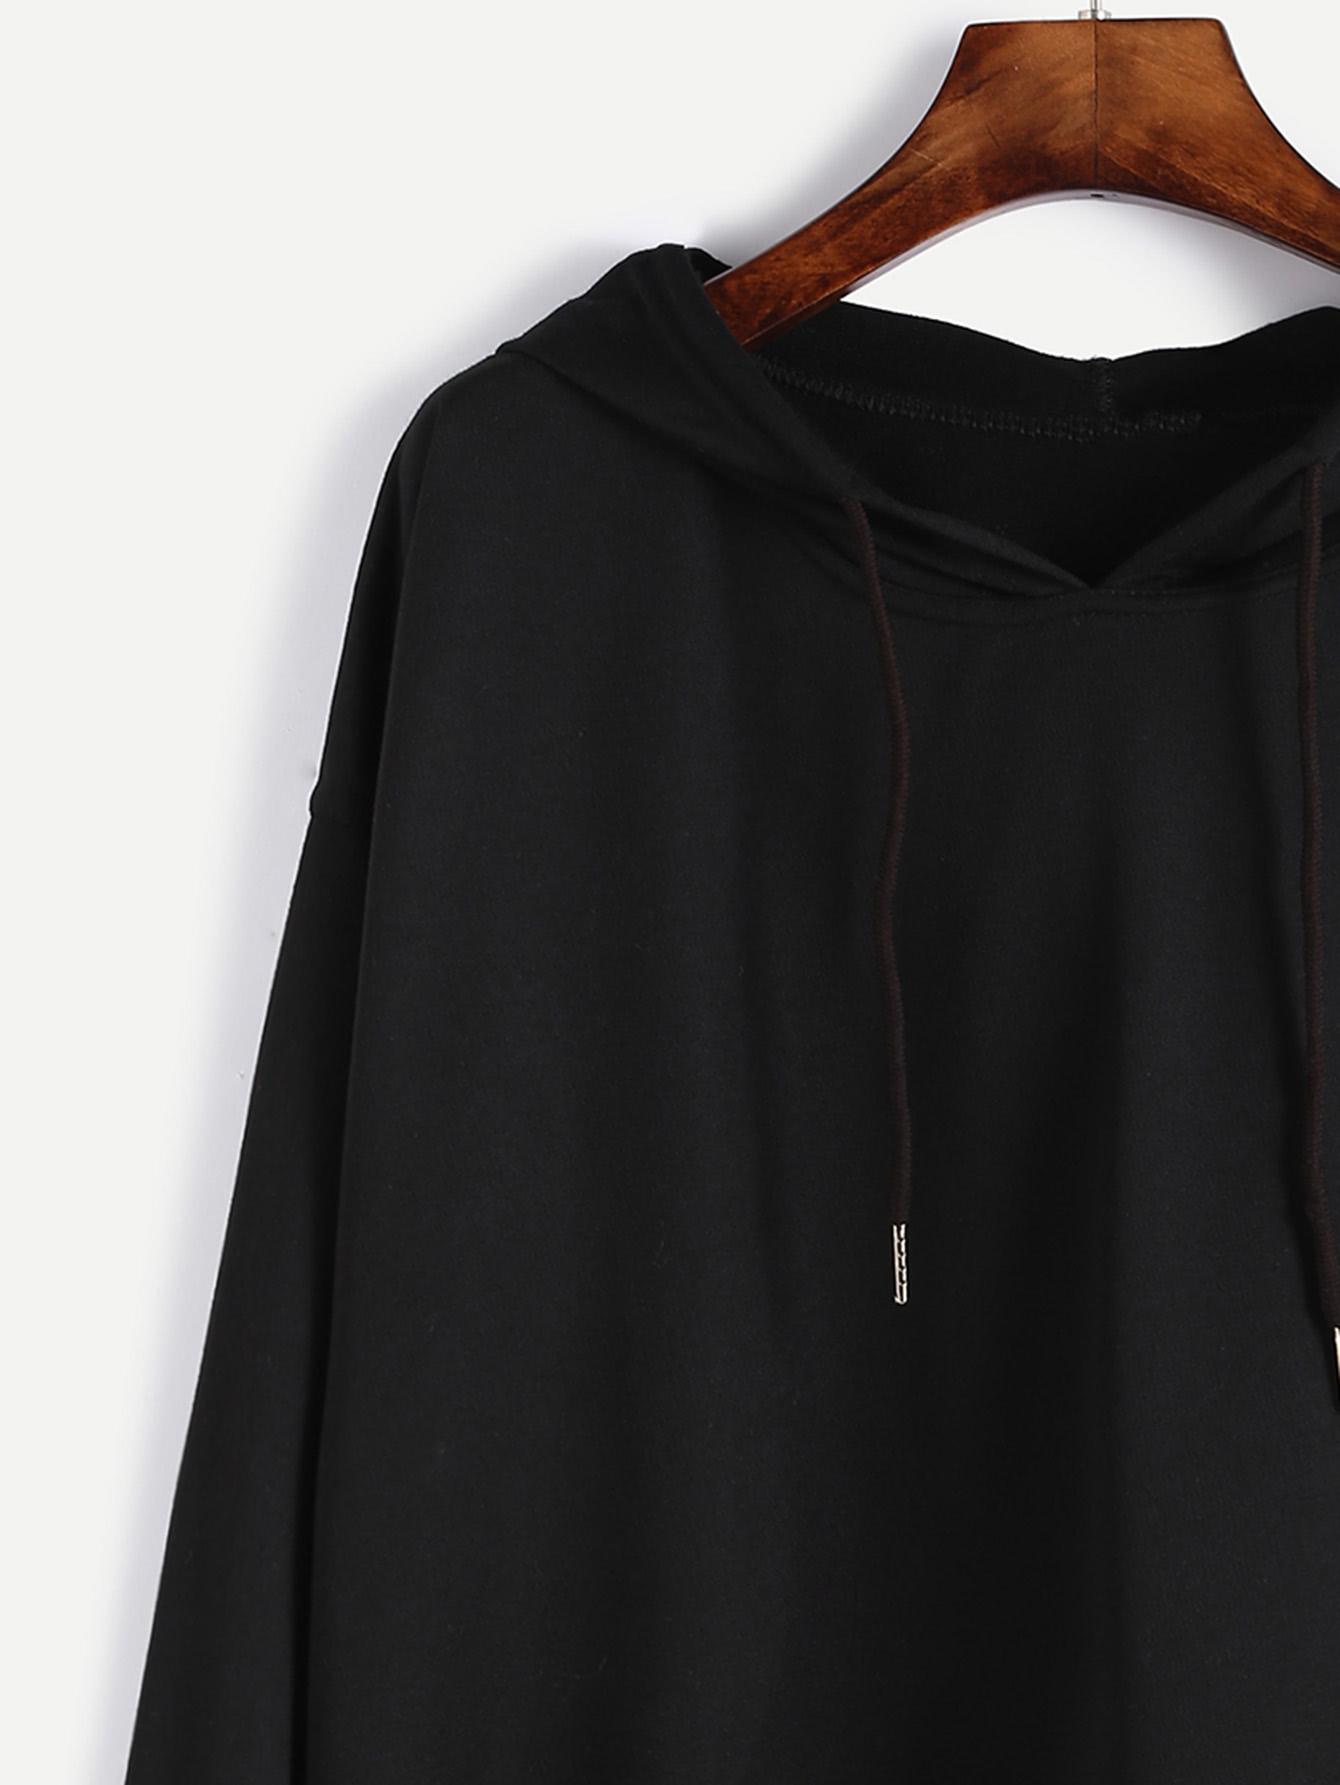 sweatshirt160930101_2